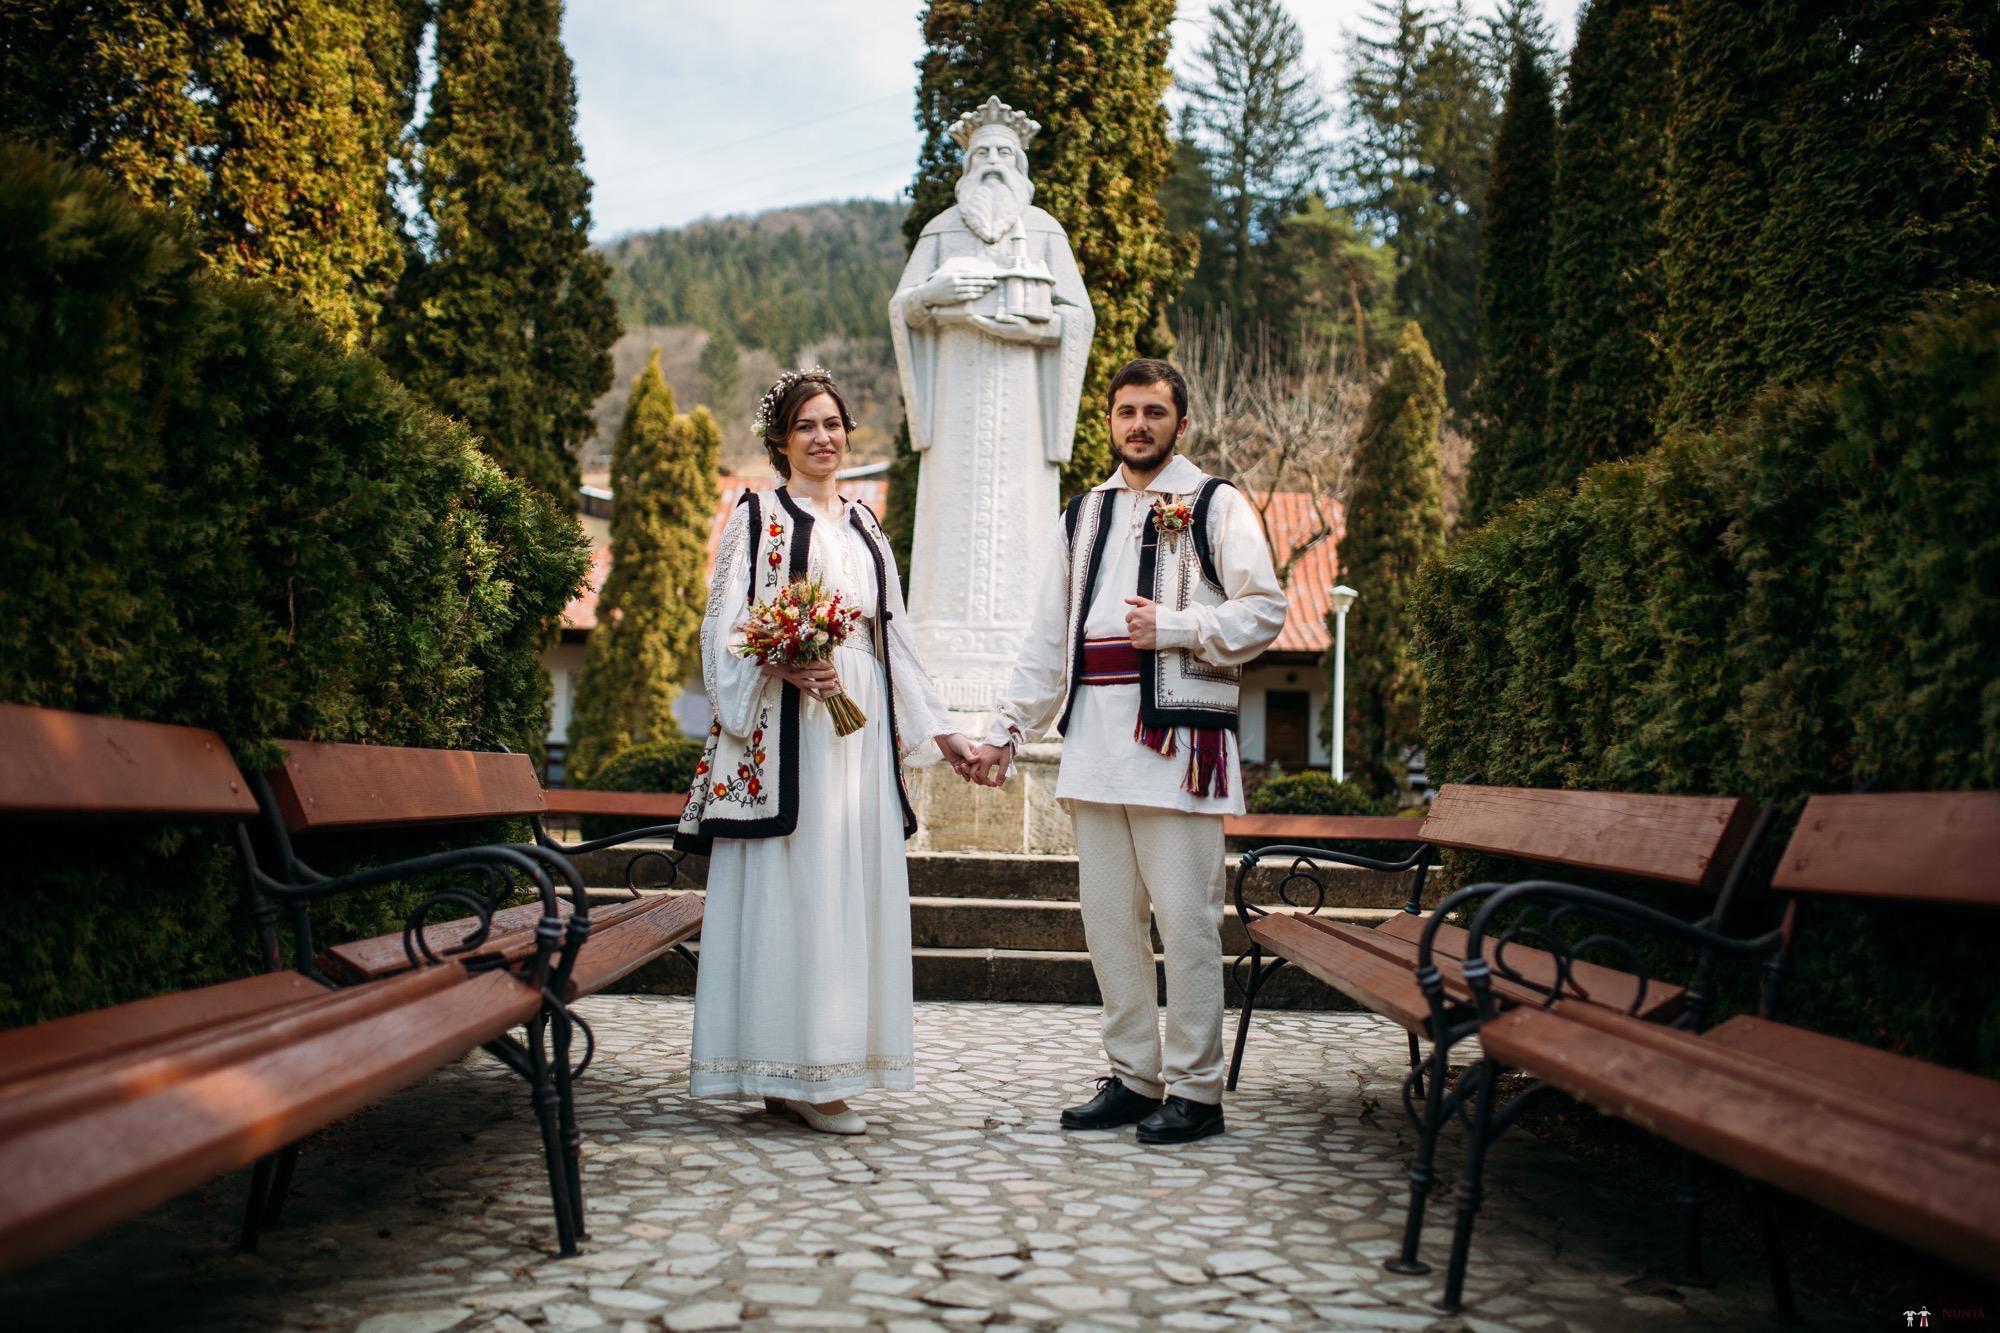 Povești Nunți Tradiționale - Gabriela și Adrian. Nuntă tradițională în Piatra Neamț 2